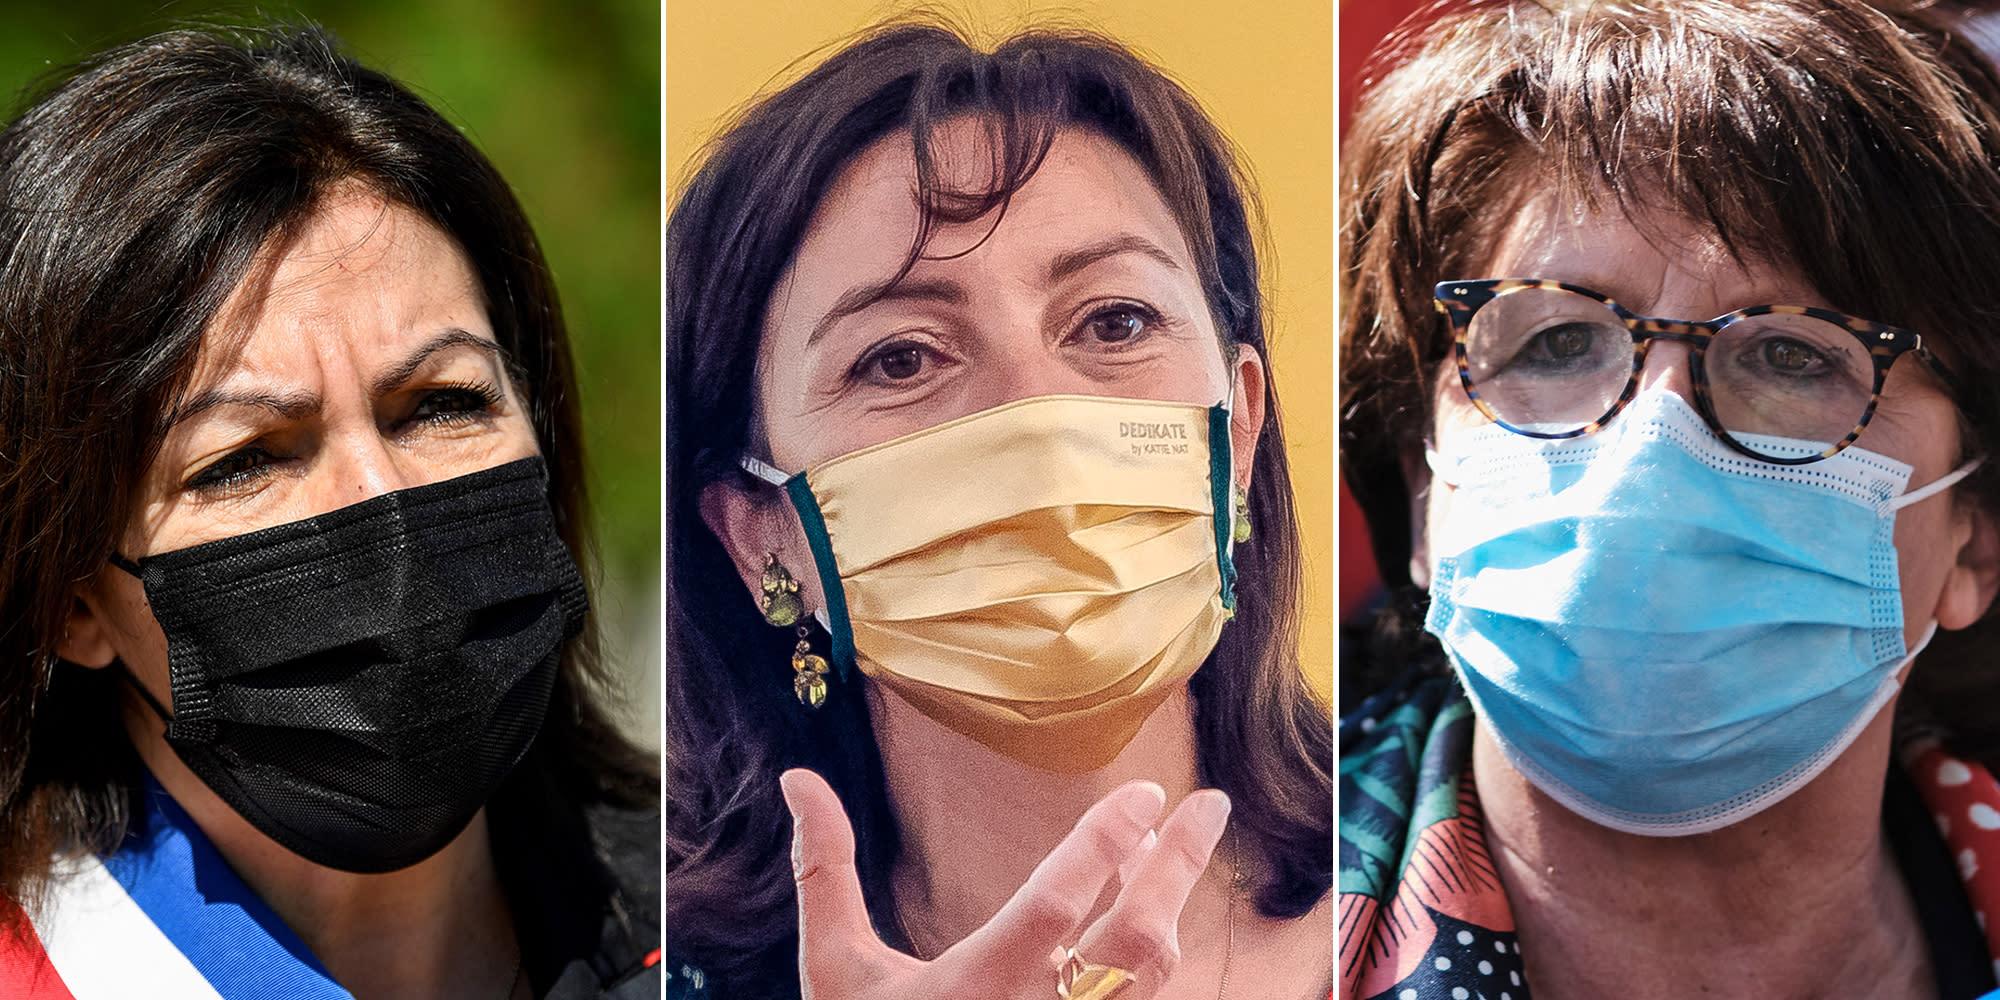 EXCLUSIF. Hidalgo et 21 élus de gauche soutiennent un référendum d'initiative partagée pour réformer l'hôpital